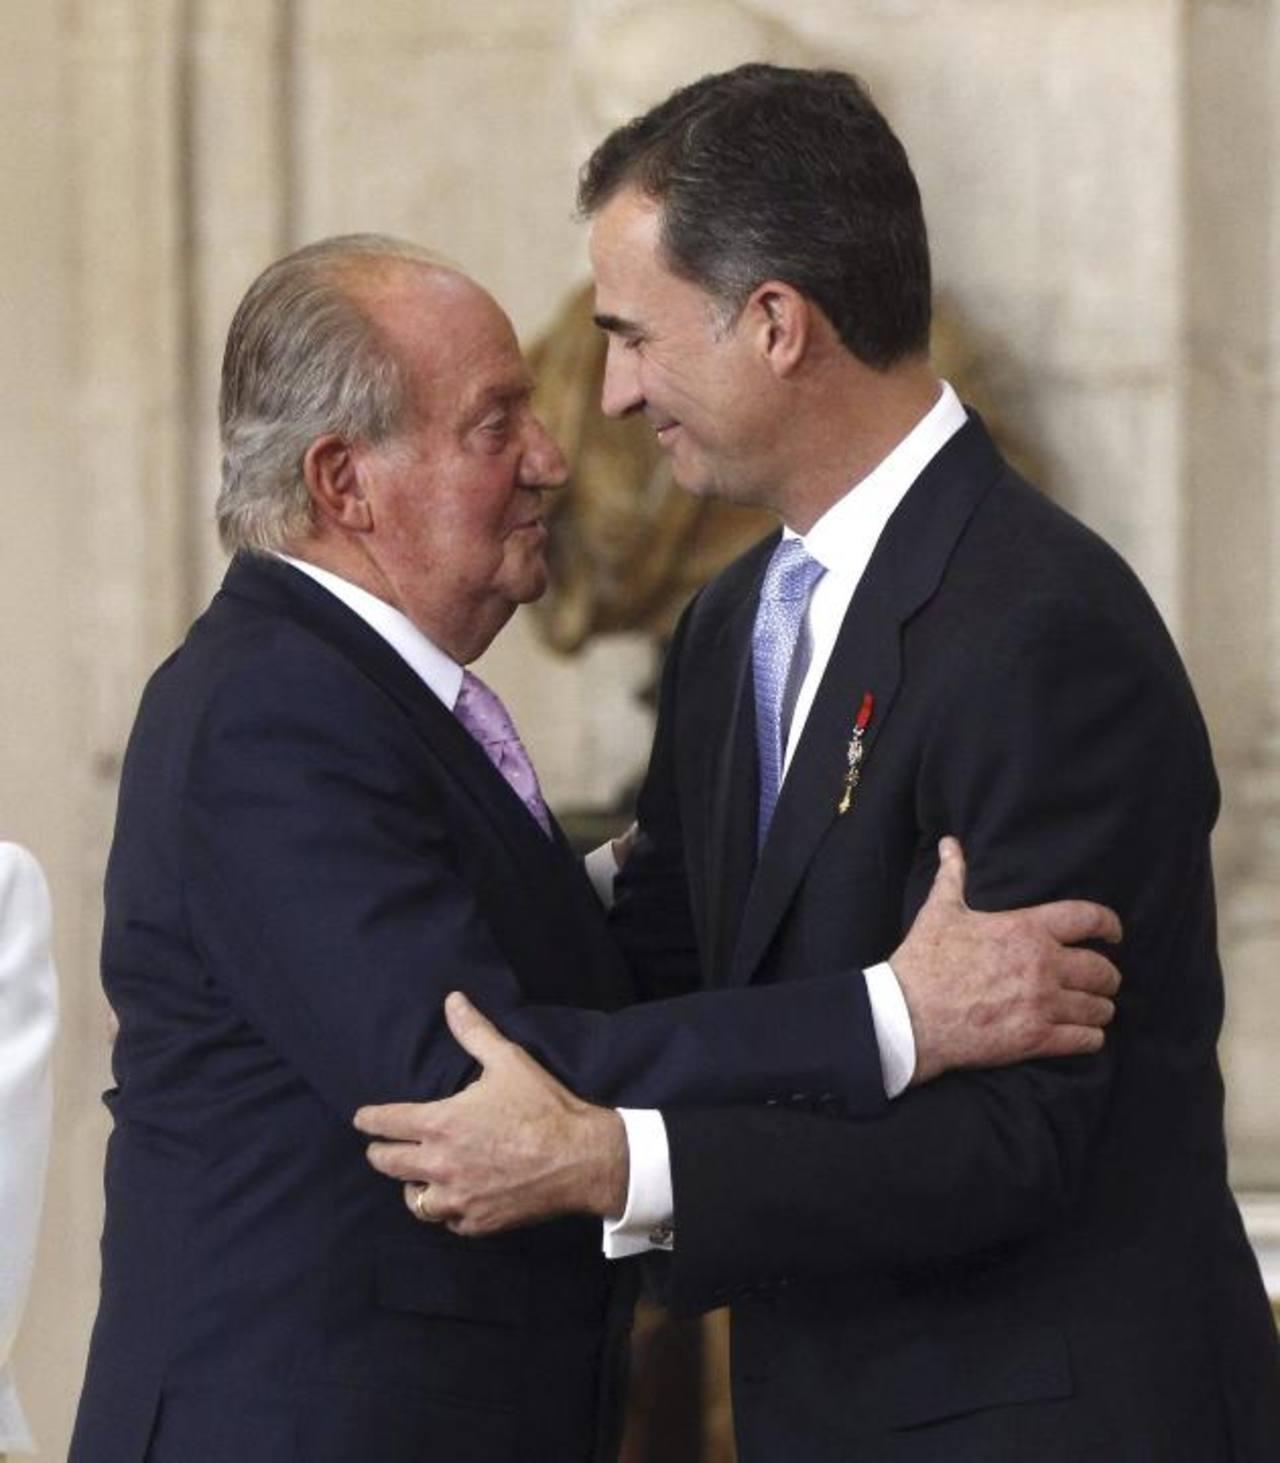 El rey Juan Carlos (izq.) abraza al príncipe de Asturias, Felipe, tras firmar la ley que hace efectiva su abdicación. foto edh /efe